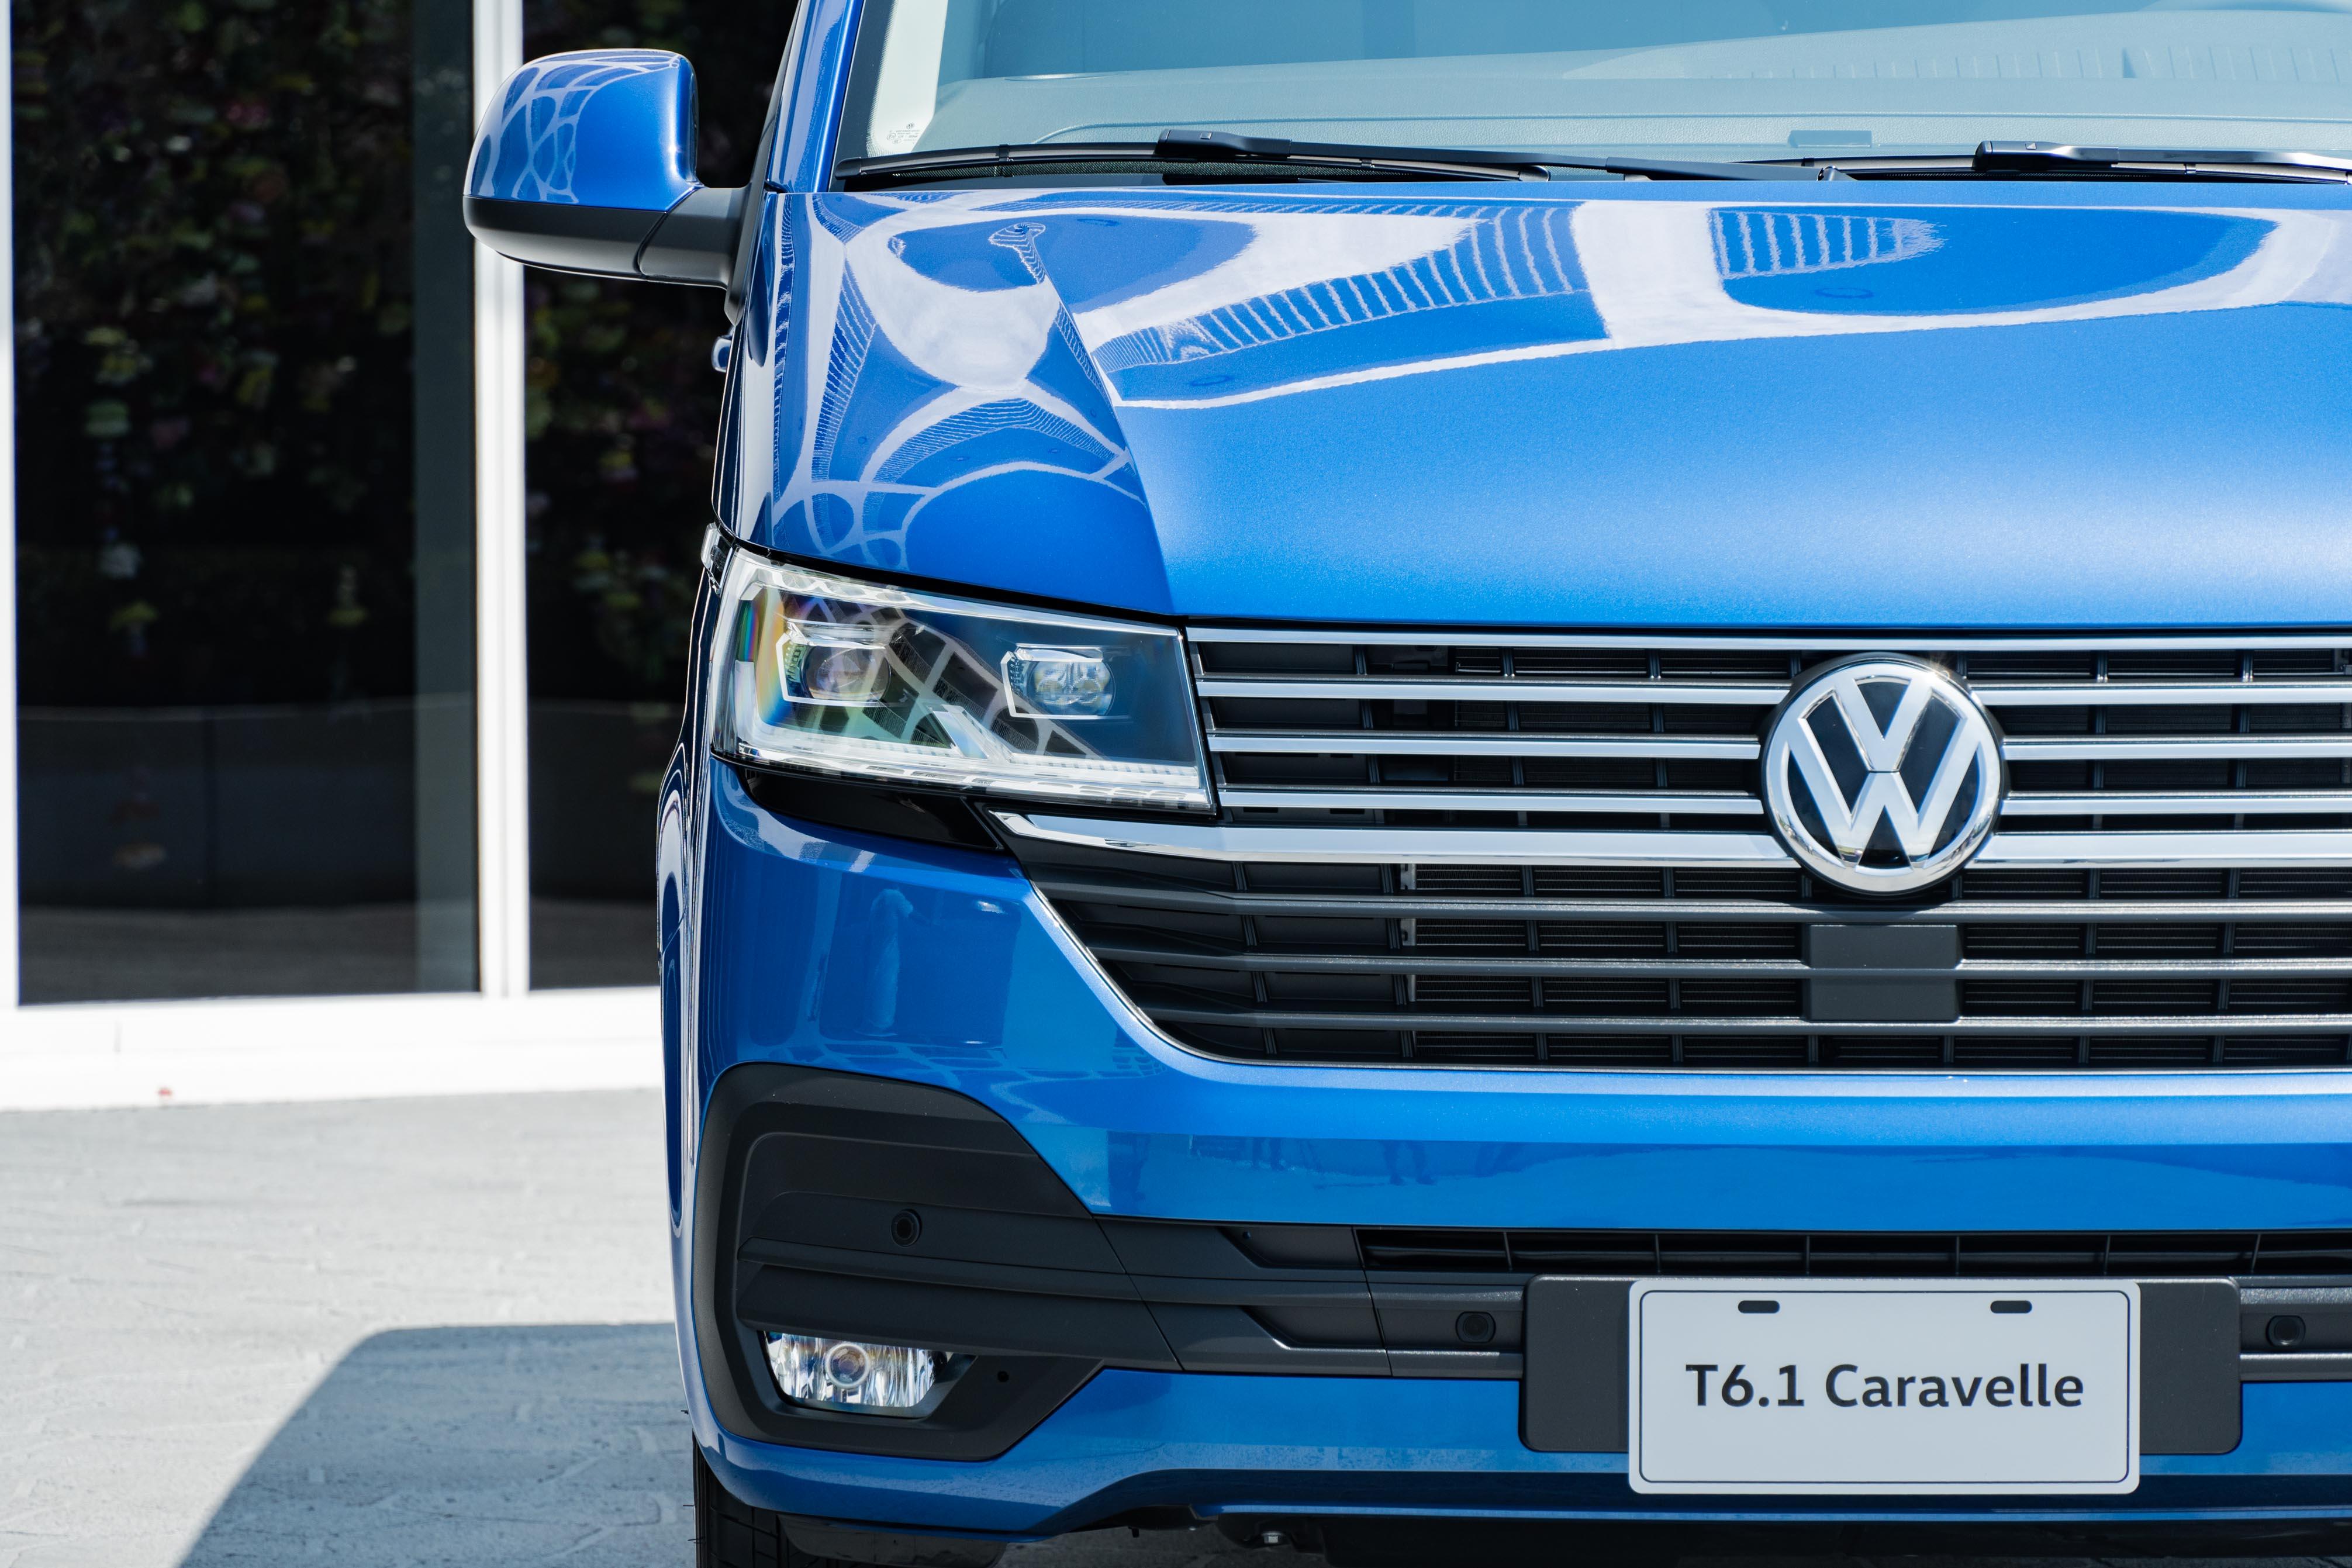 外觀設計採用新式樣大型水箱護罩、全新車頭保桿設計,199 以上車種也標配級距中罕見的 LED 頭尾燈及日行燈。